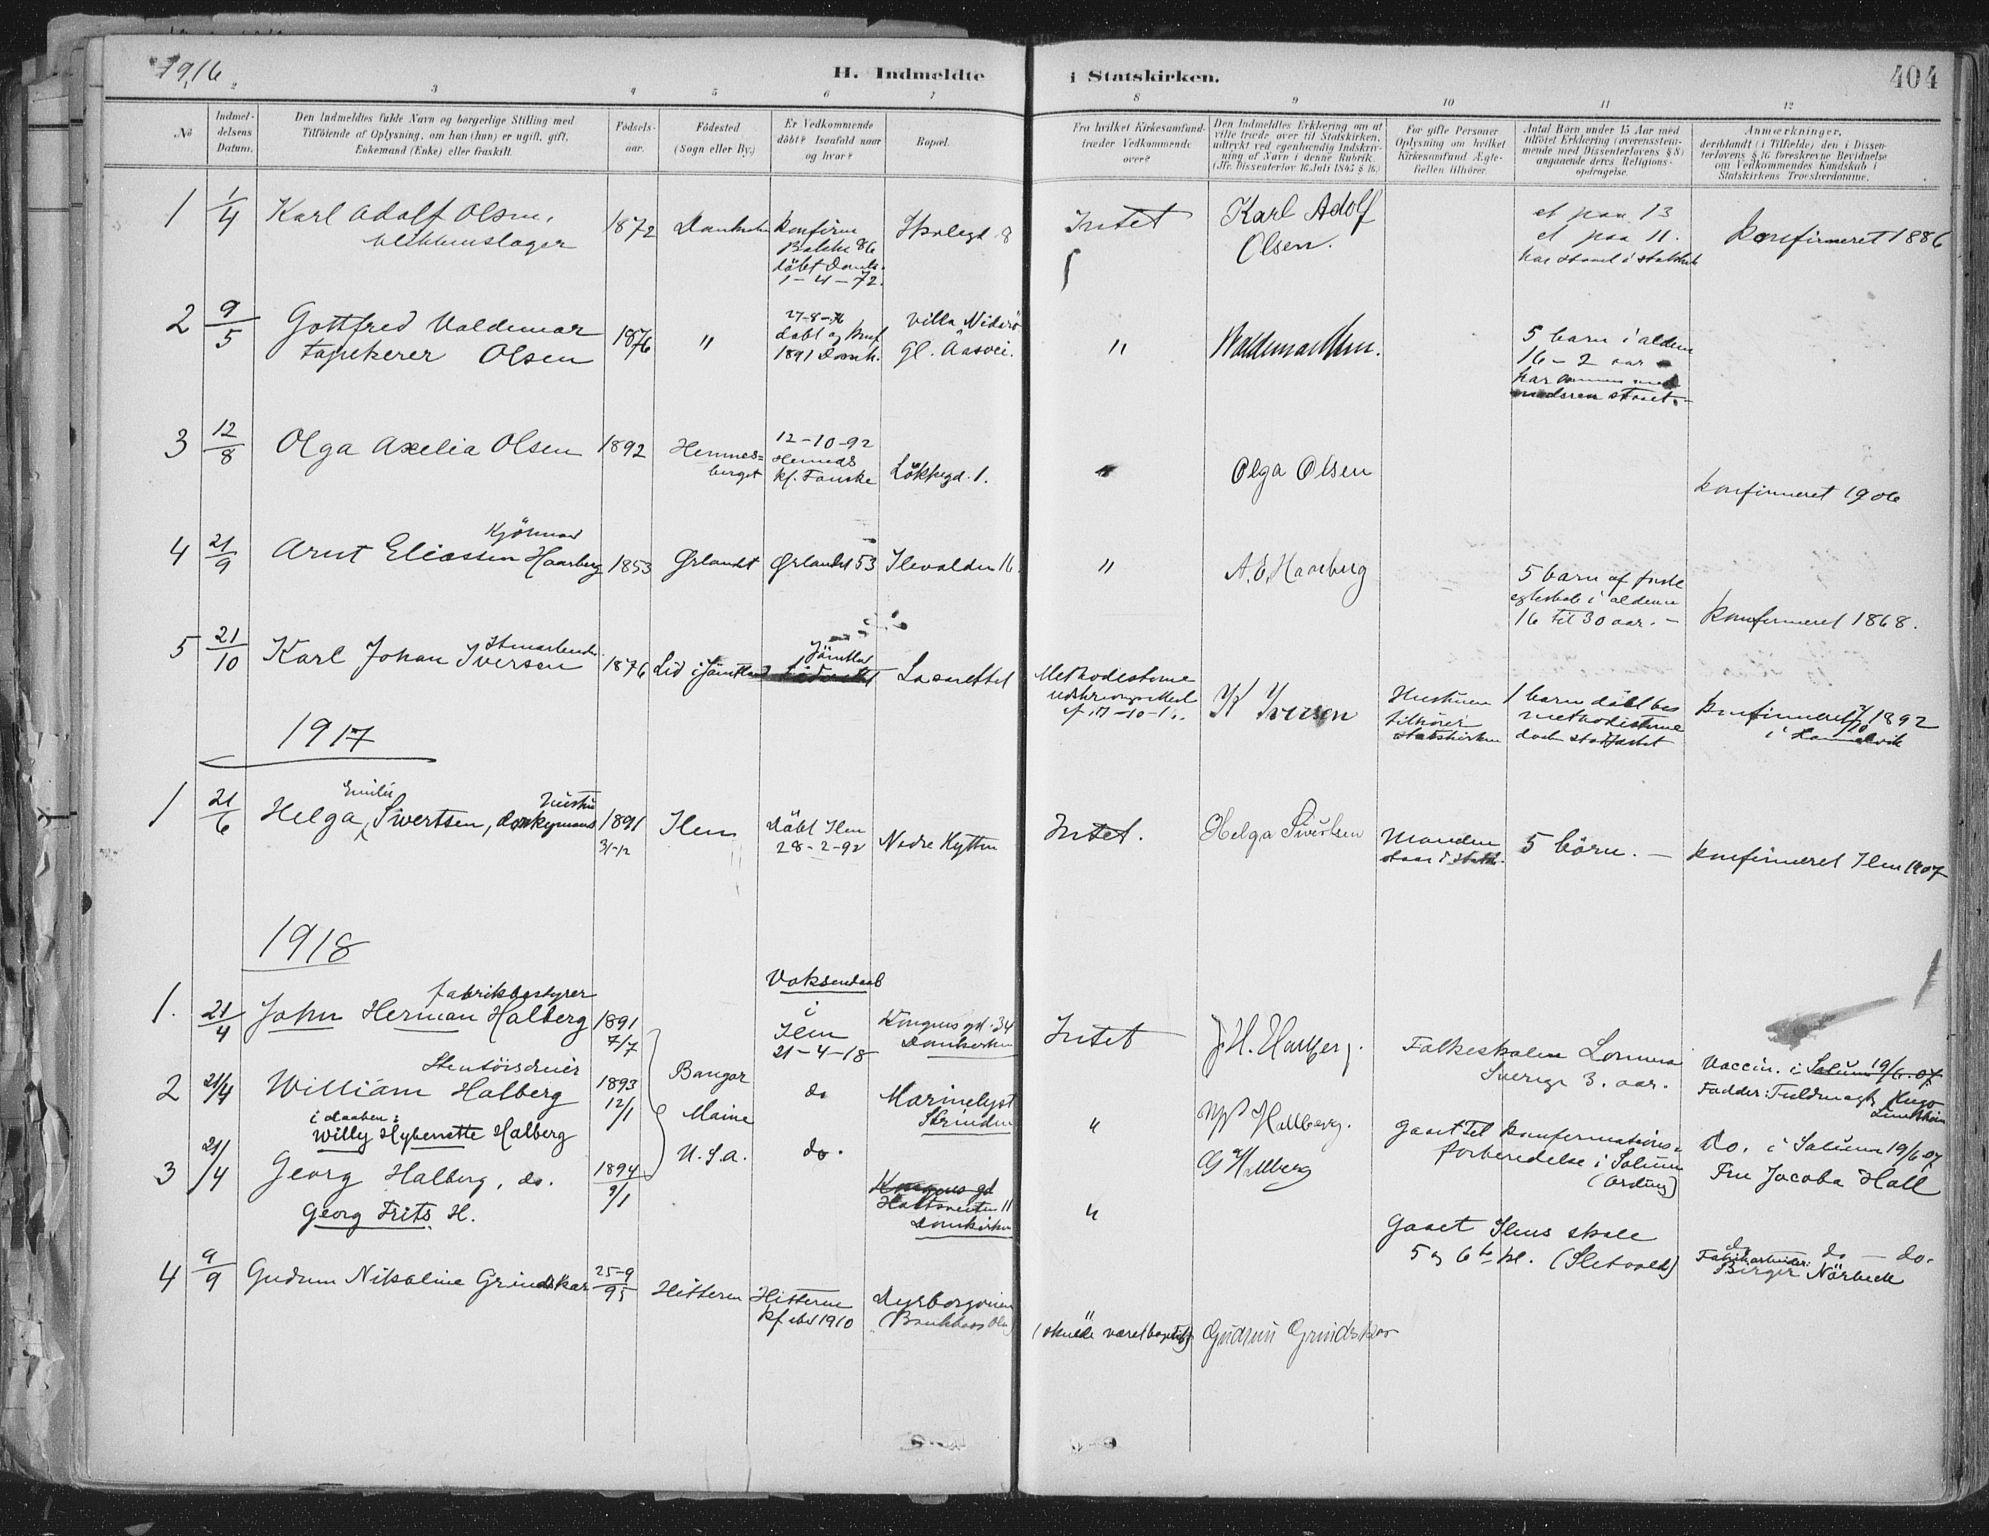 SAT, Ministerialprotokoller, klokkerbøker og fødselsregistre - Sør-Trøndelag, 603/L0167: Ministerialbok nr. 603A06, 1896-1932, s. 404